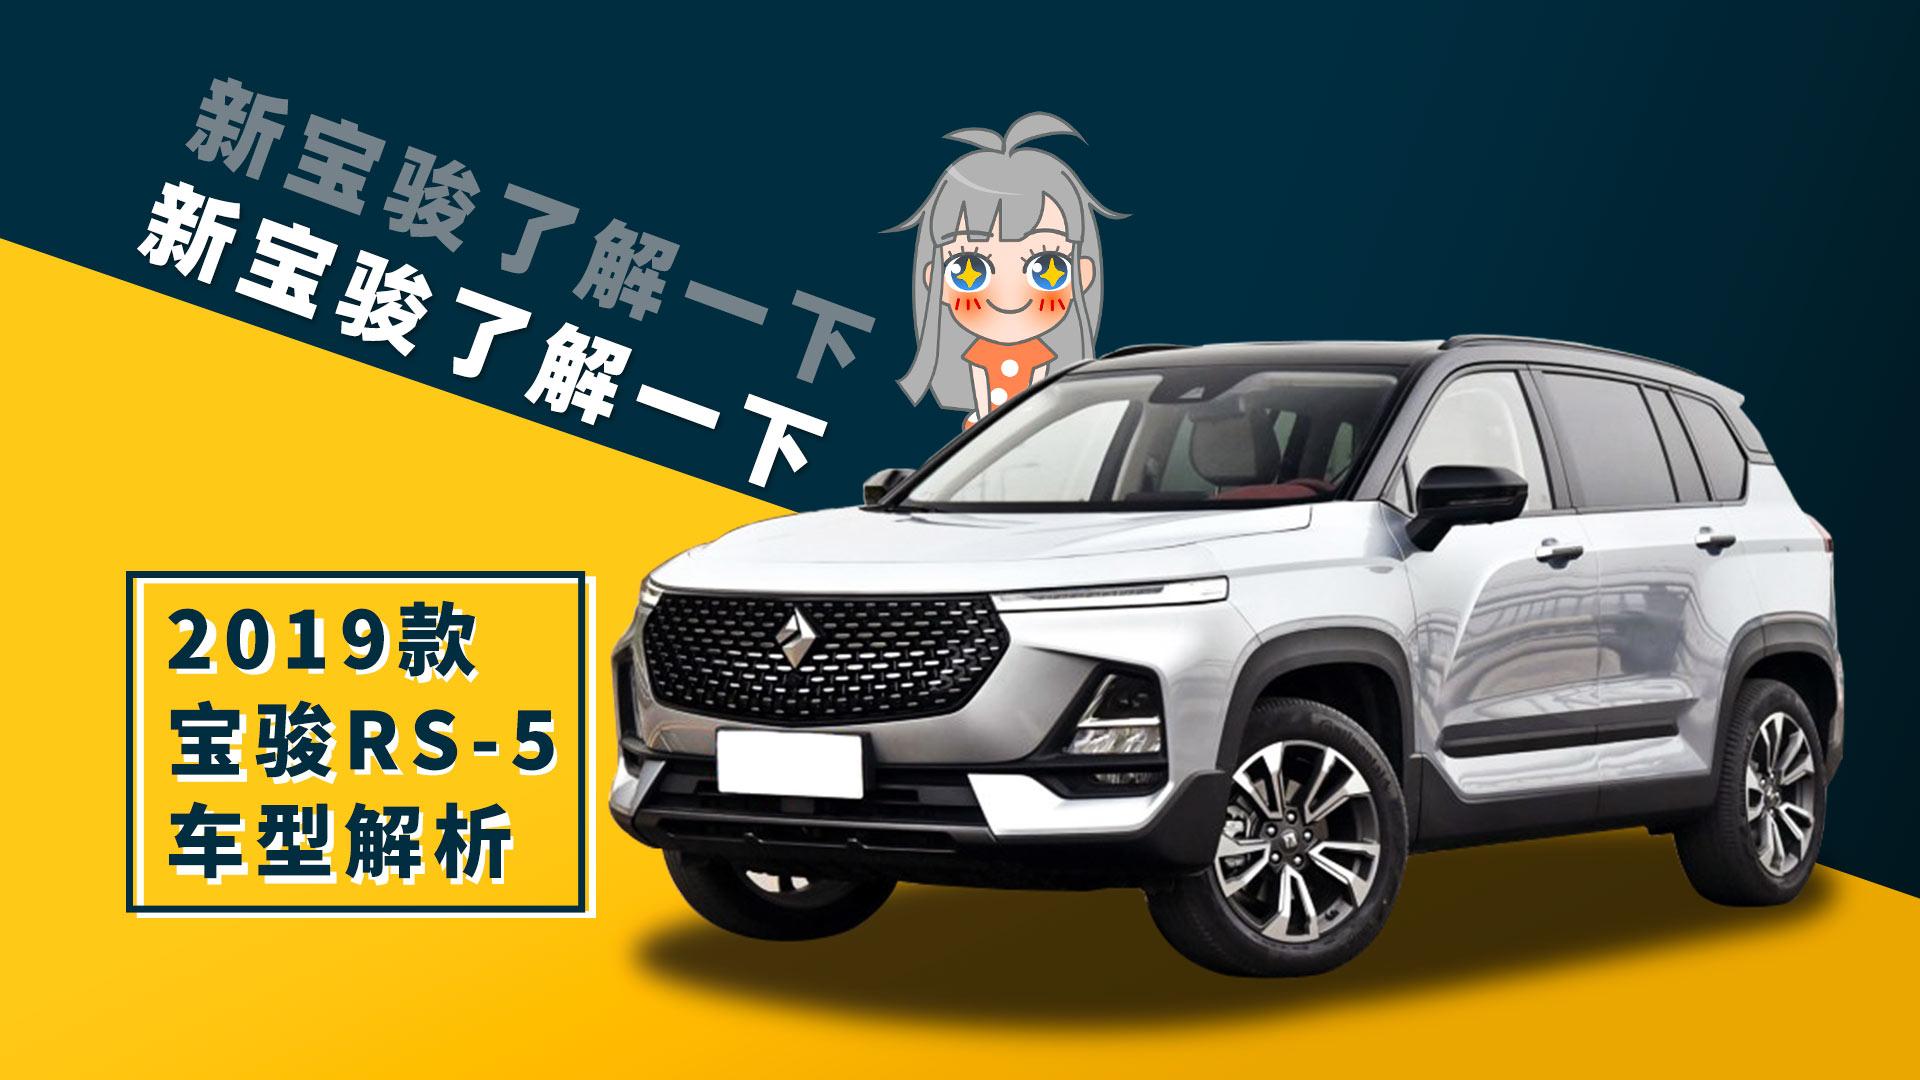 【选车帮帮忙】新宝骏了解一下 2019款宝骏RS-5车型解析